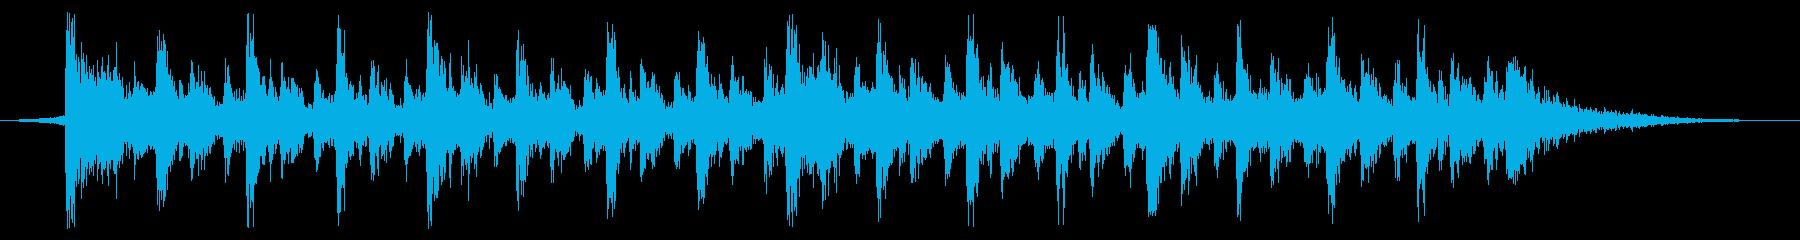 壮大なオーケストラドラム。映画/ゲ...の再生済みの波形